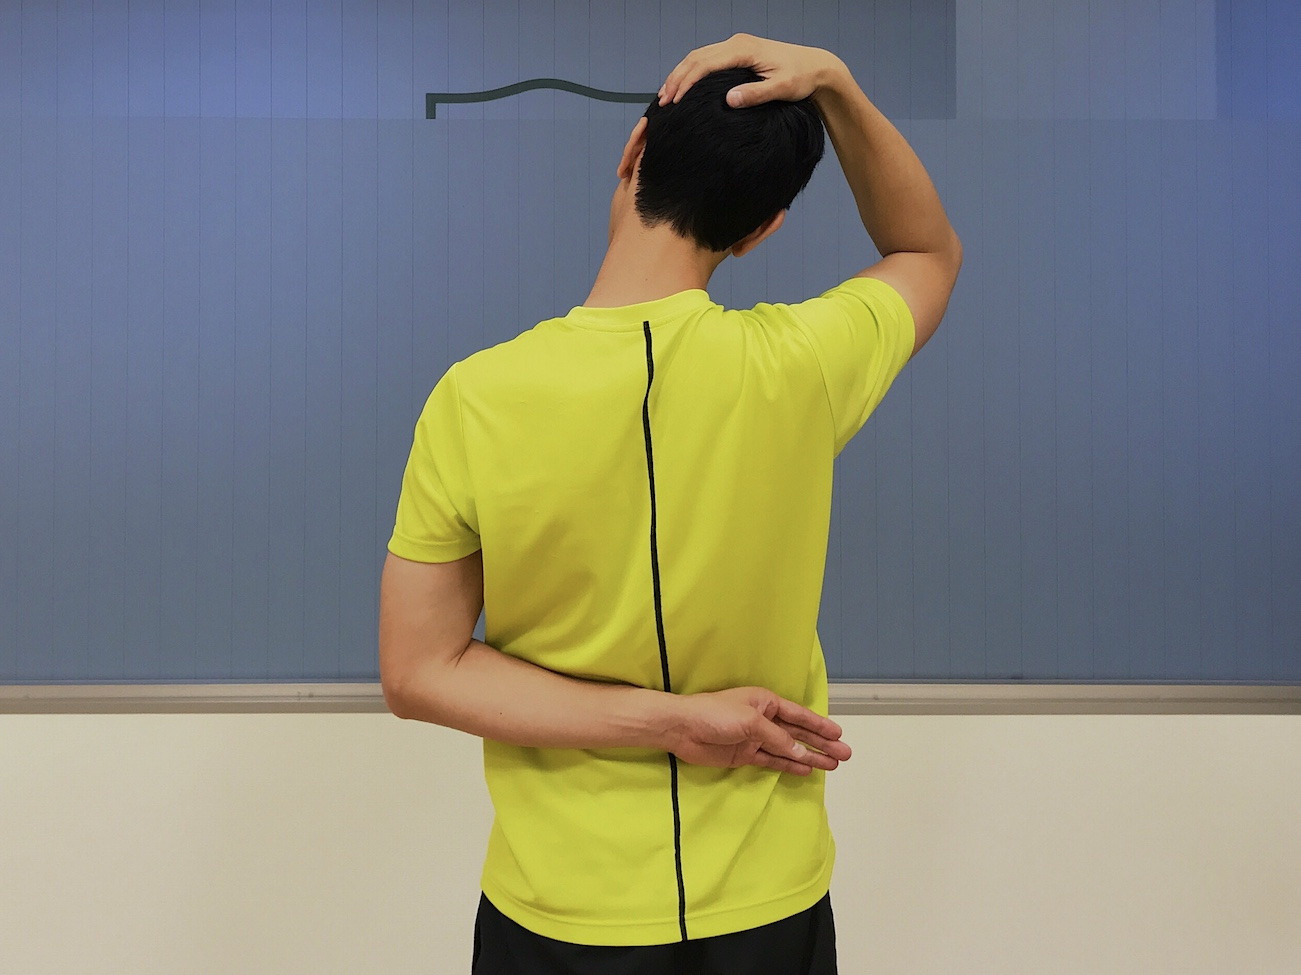 首〜肩の筋肉(僧帽筋上部)のストレッチの方法